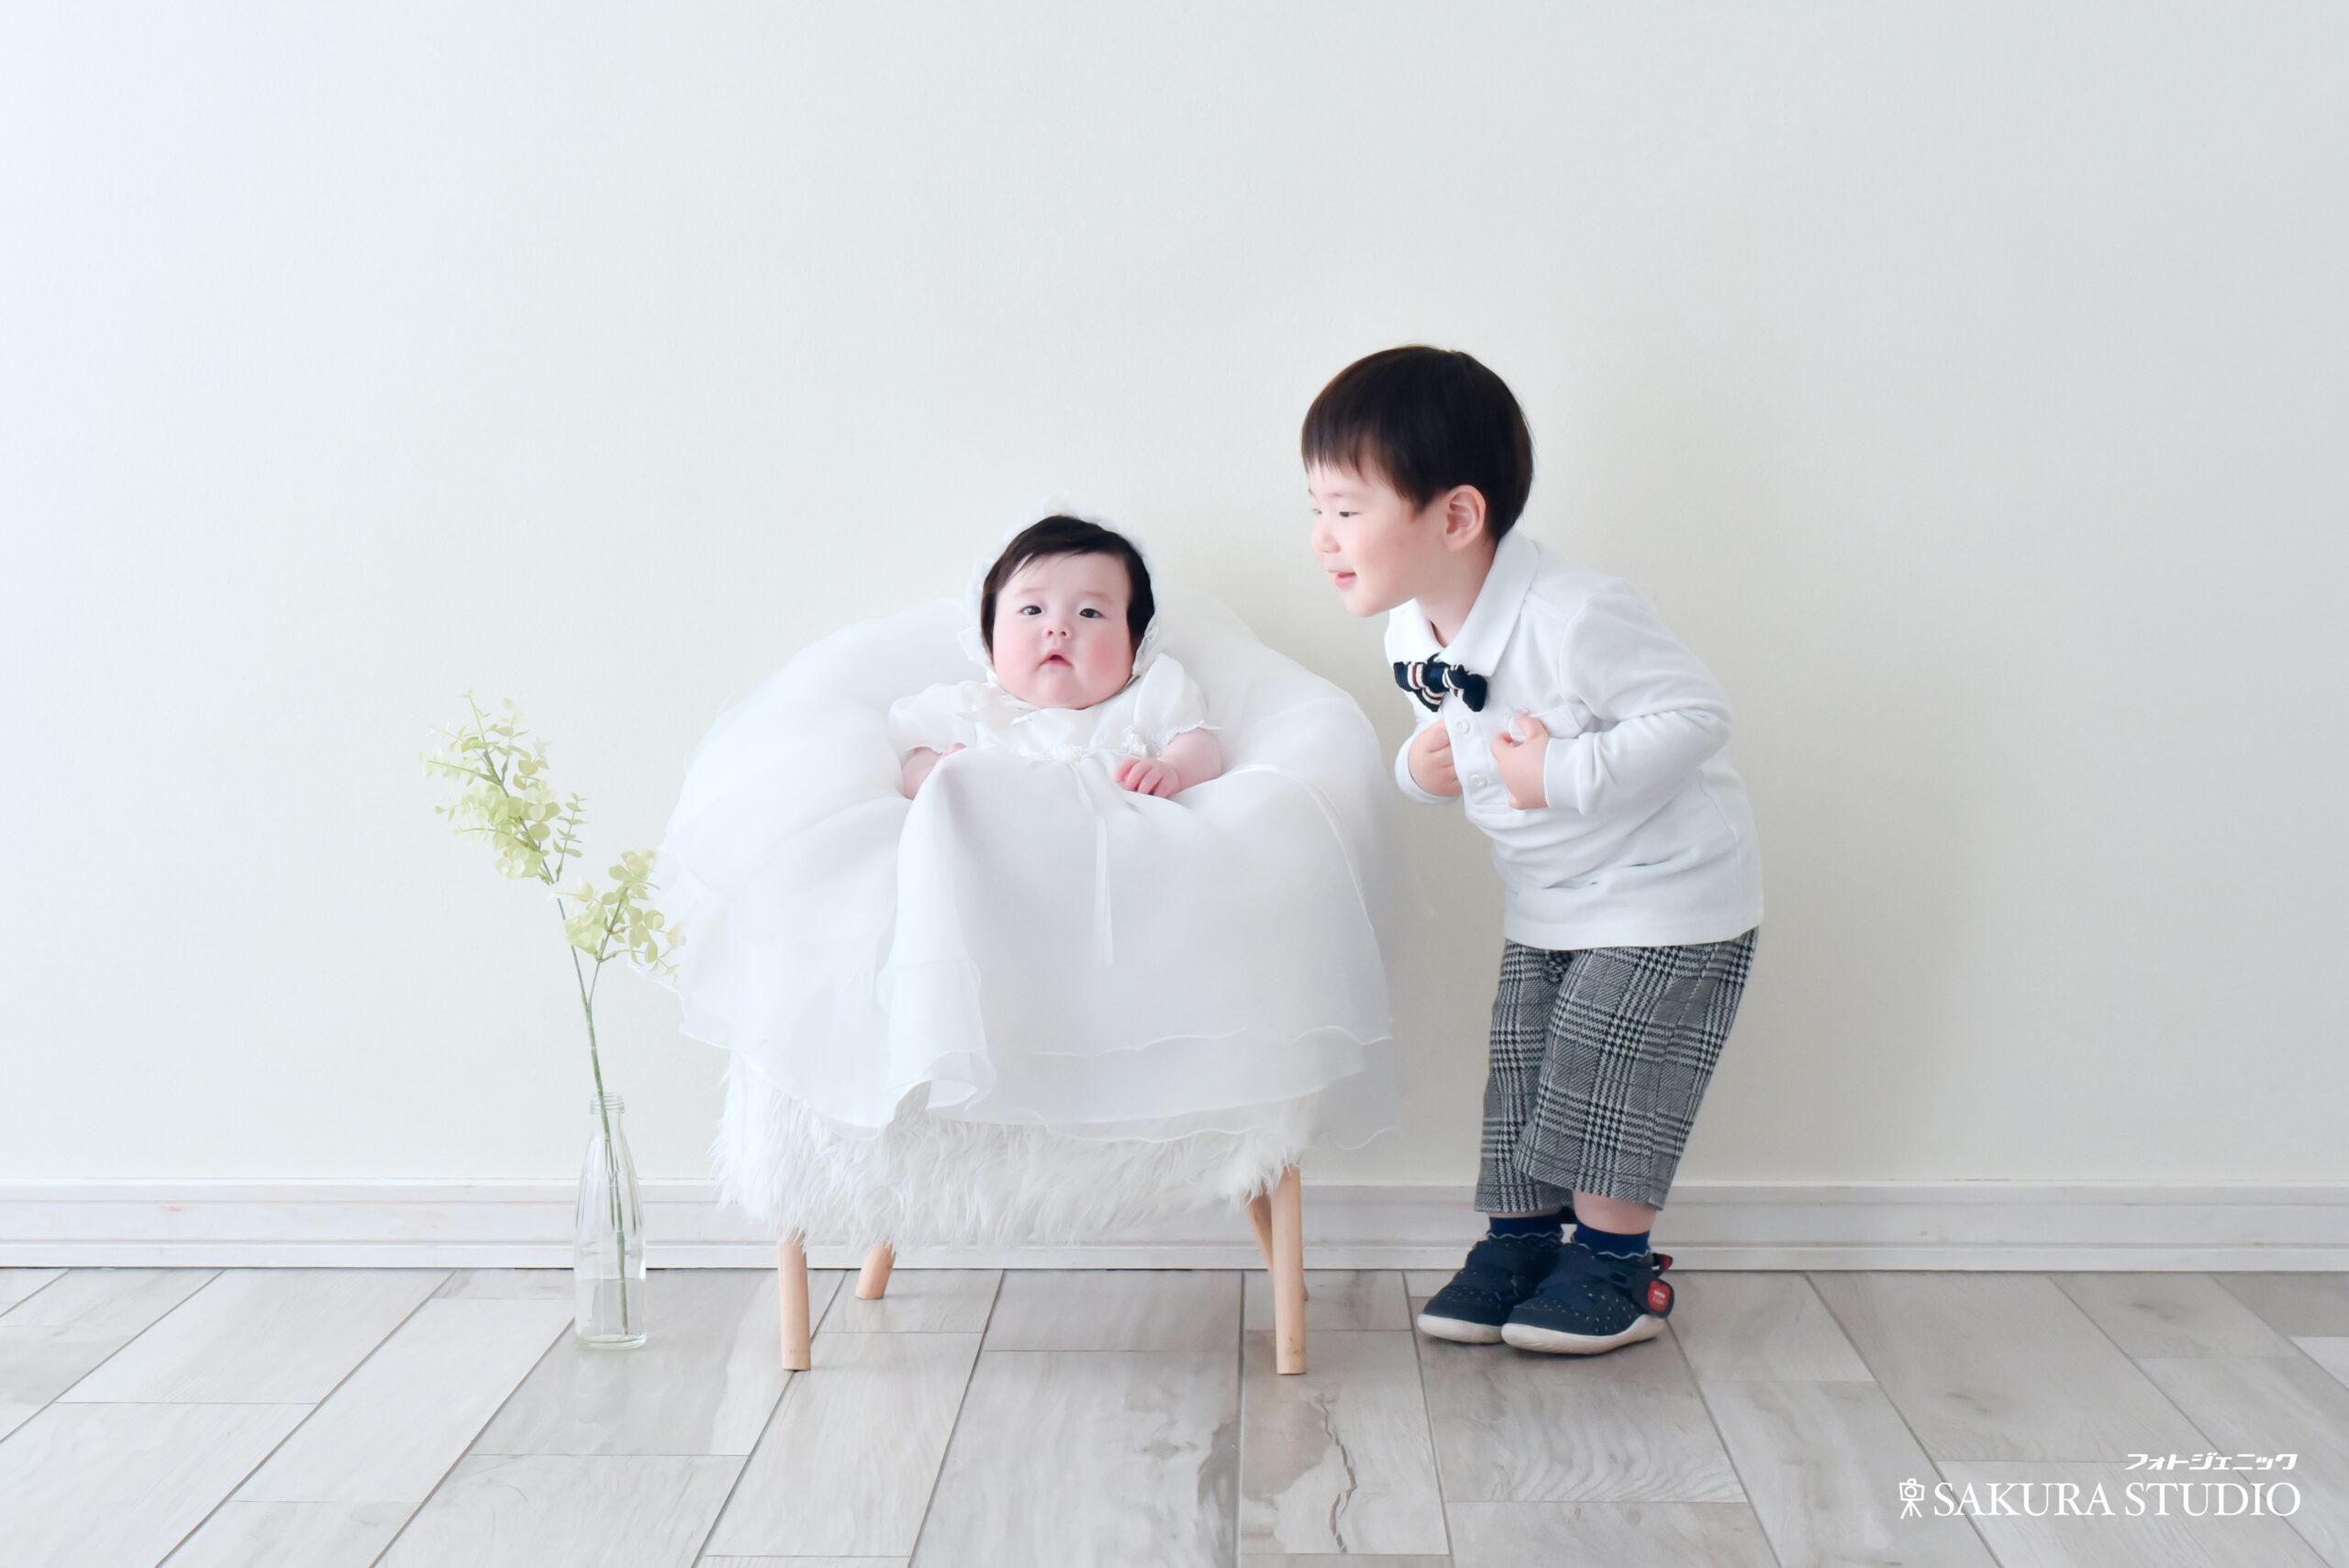 お宮参り写真 4ヶ月 女の子 産着 ベビードレス 兄妹 フォトスタジオ フォトジェニックサクラスタジオ